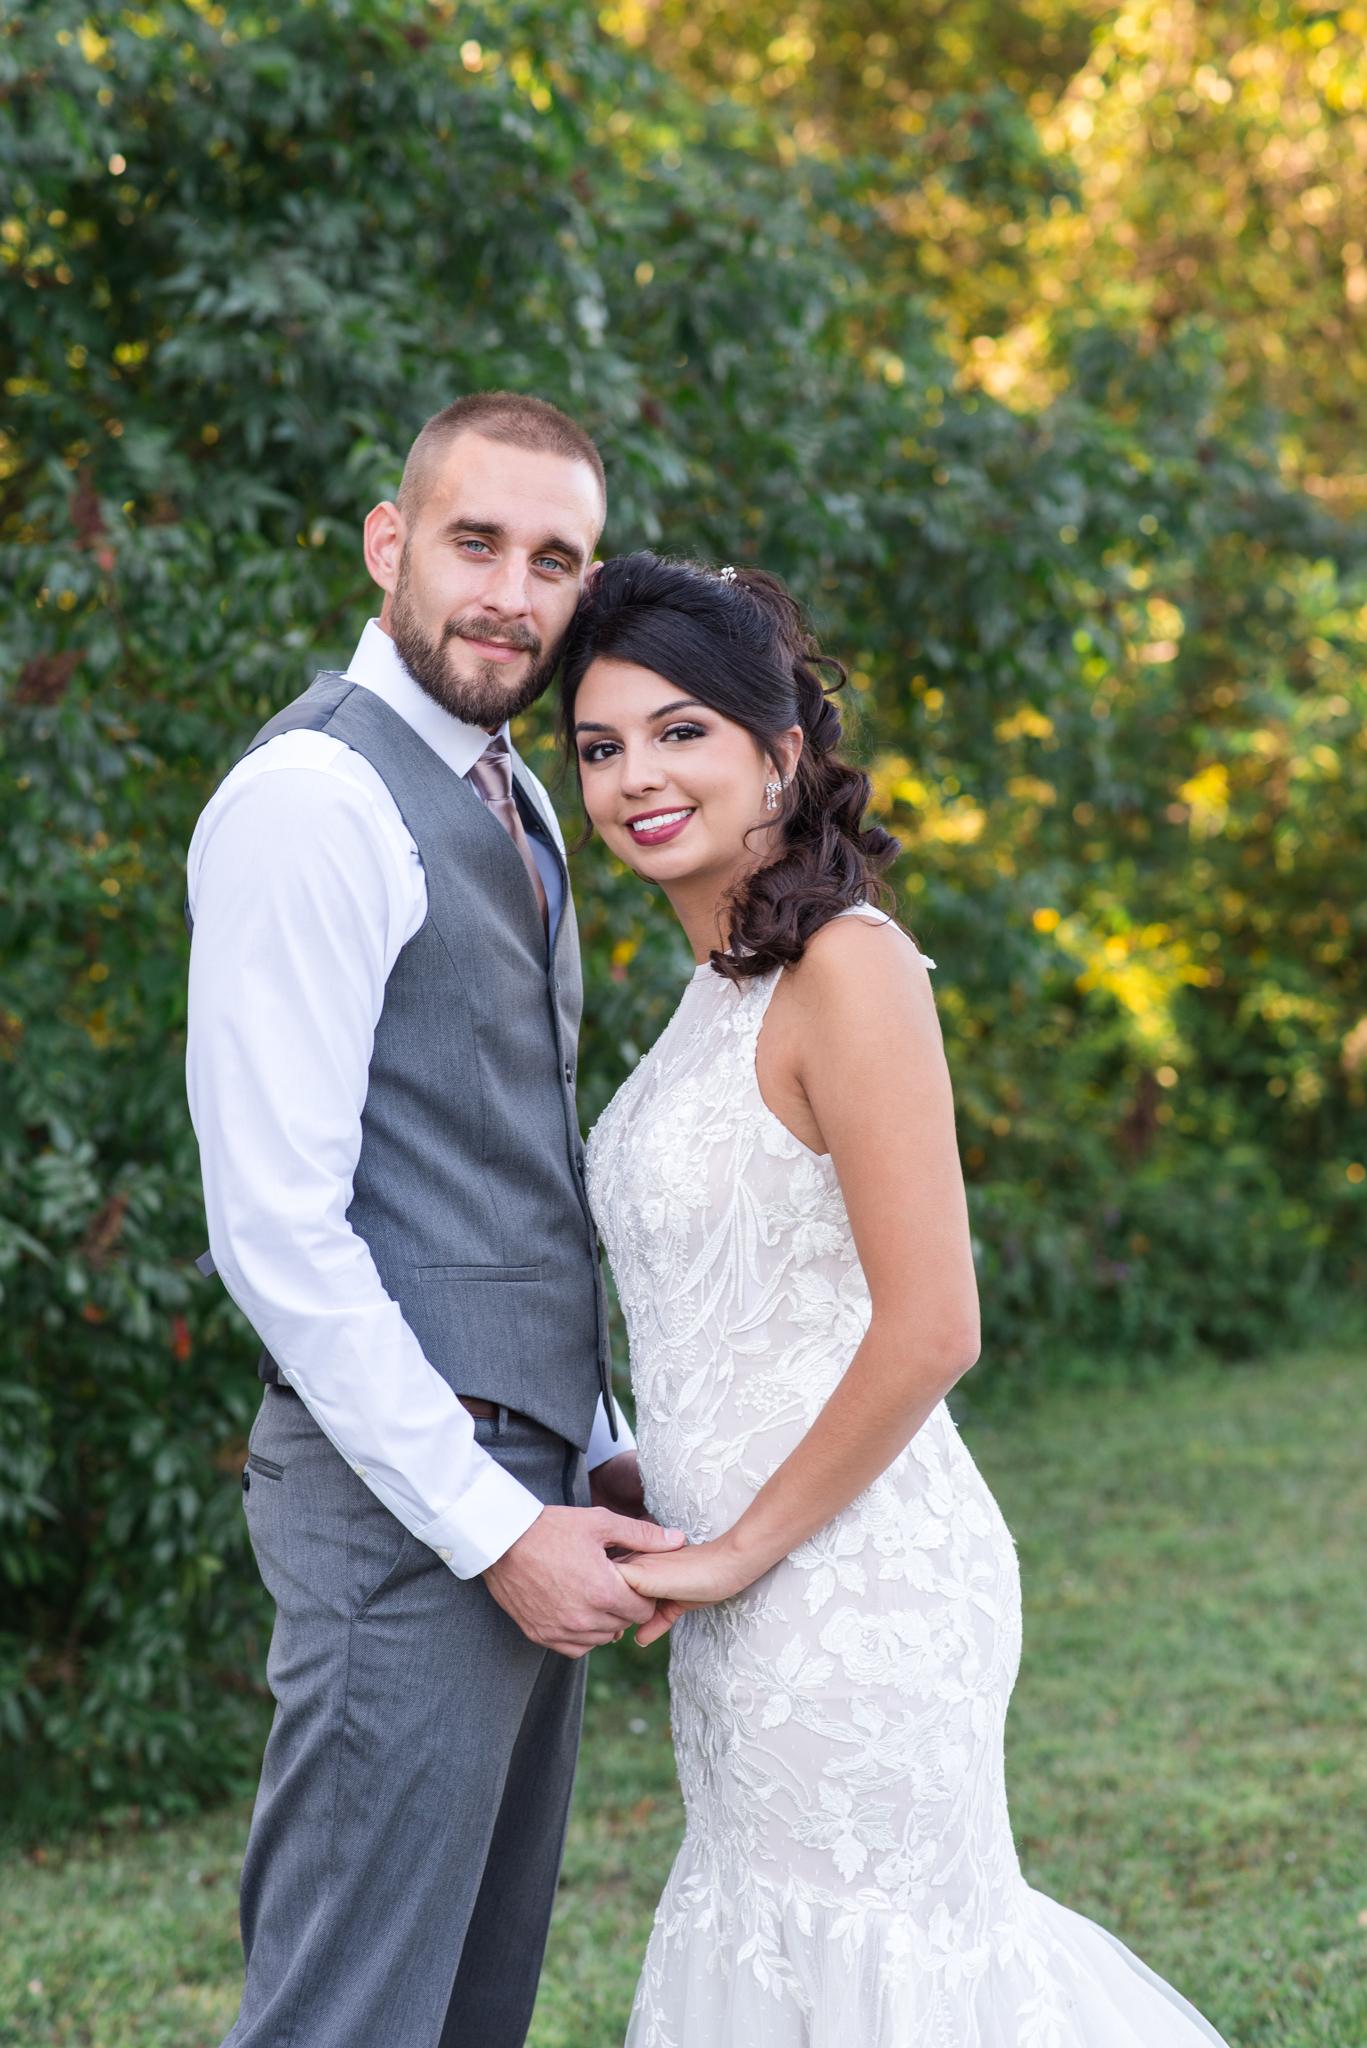 Kentucky bride, groom, wedding photos, Kentucky, Stanton